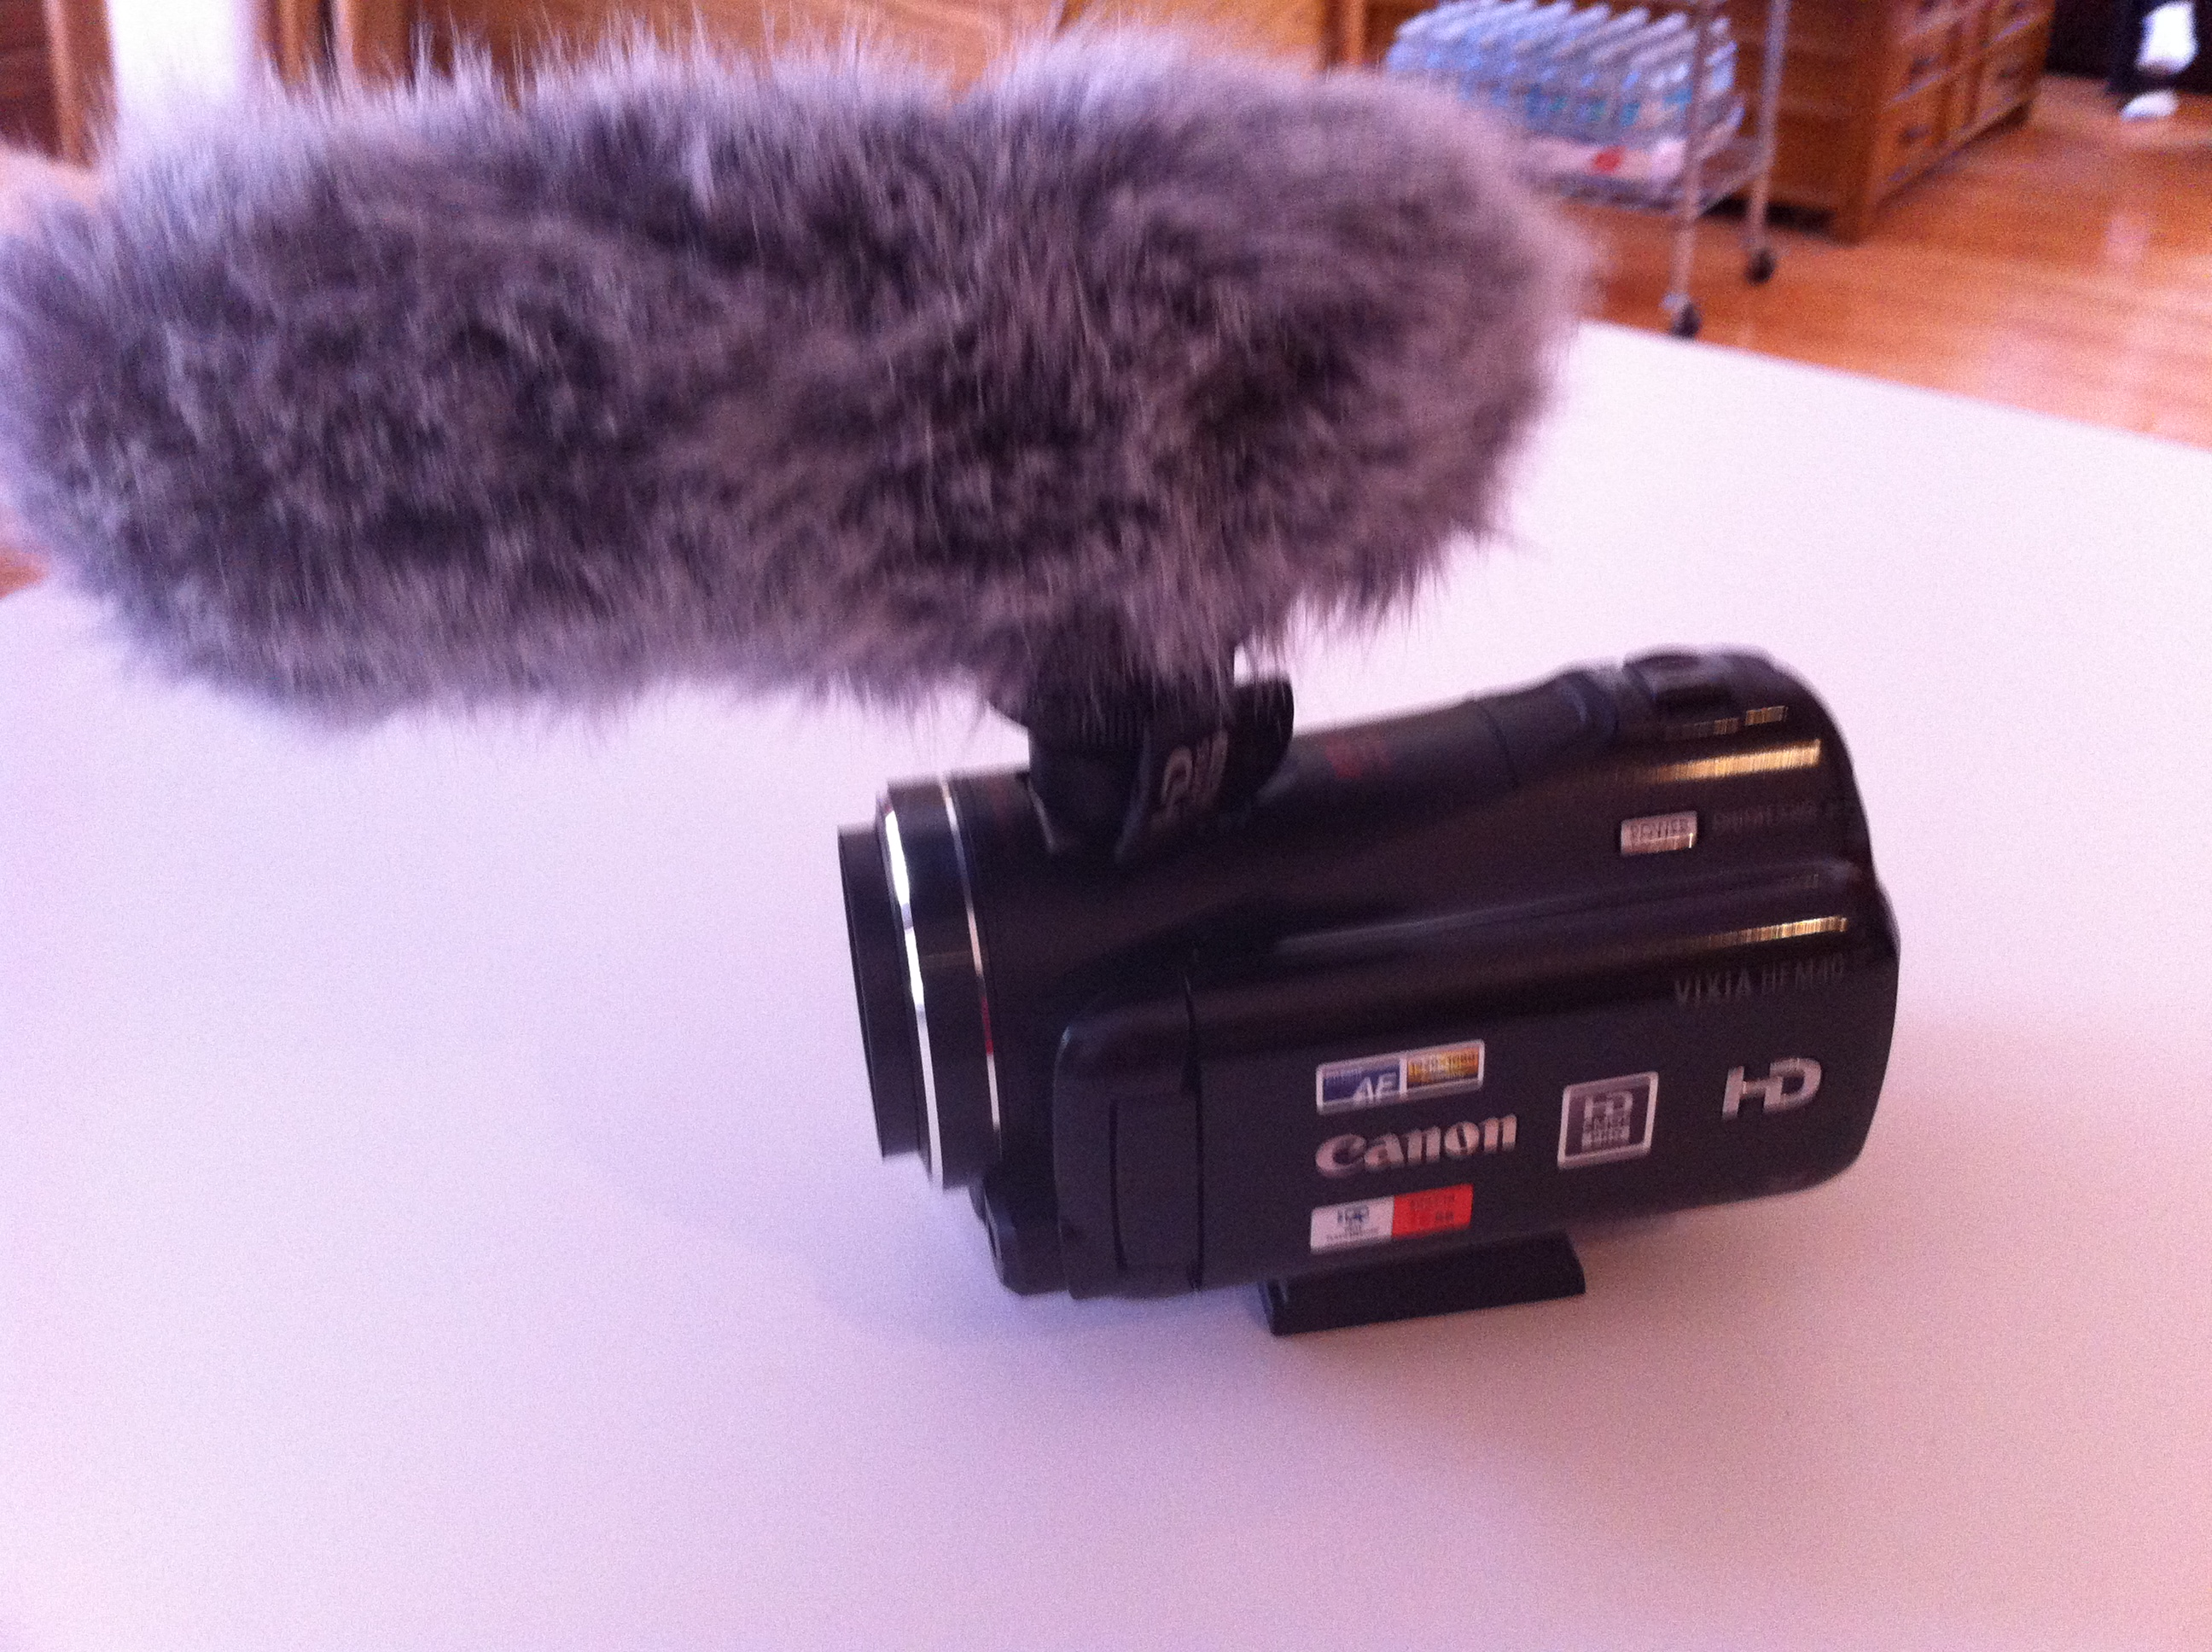 Morgana's Canon camcorder